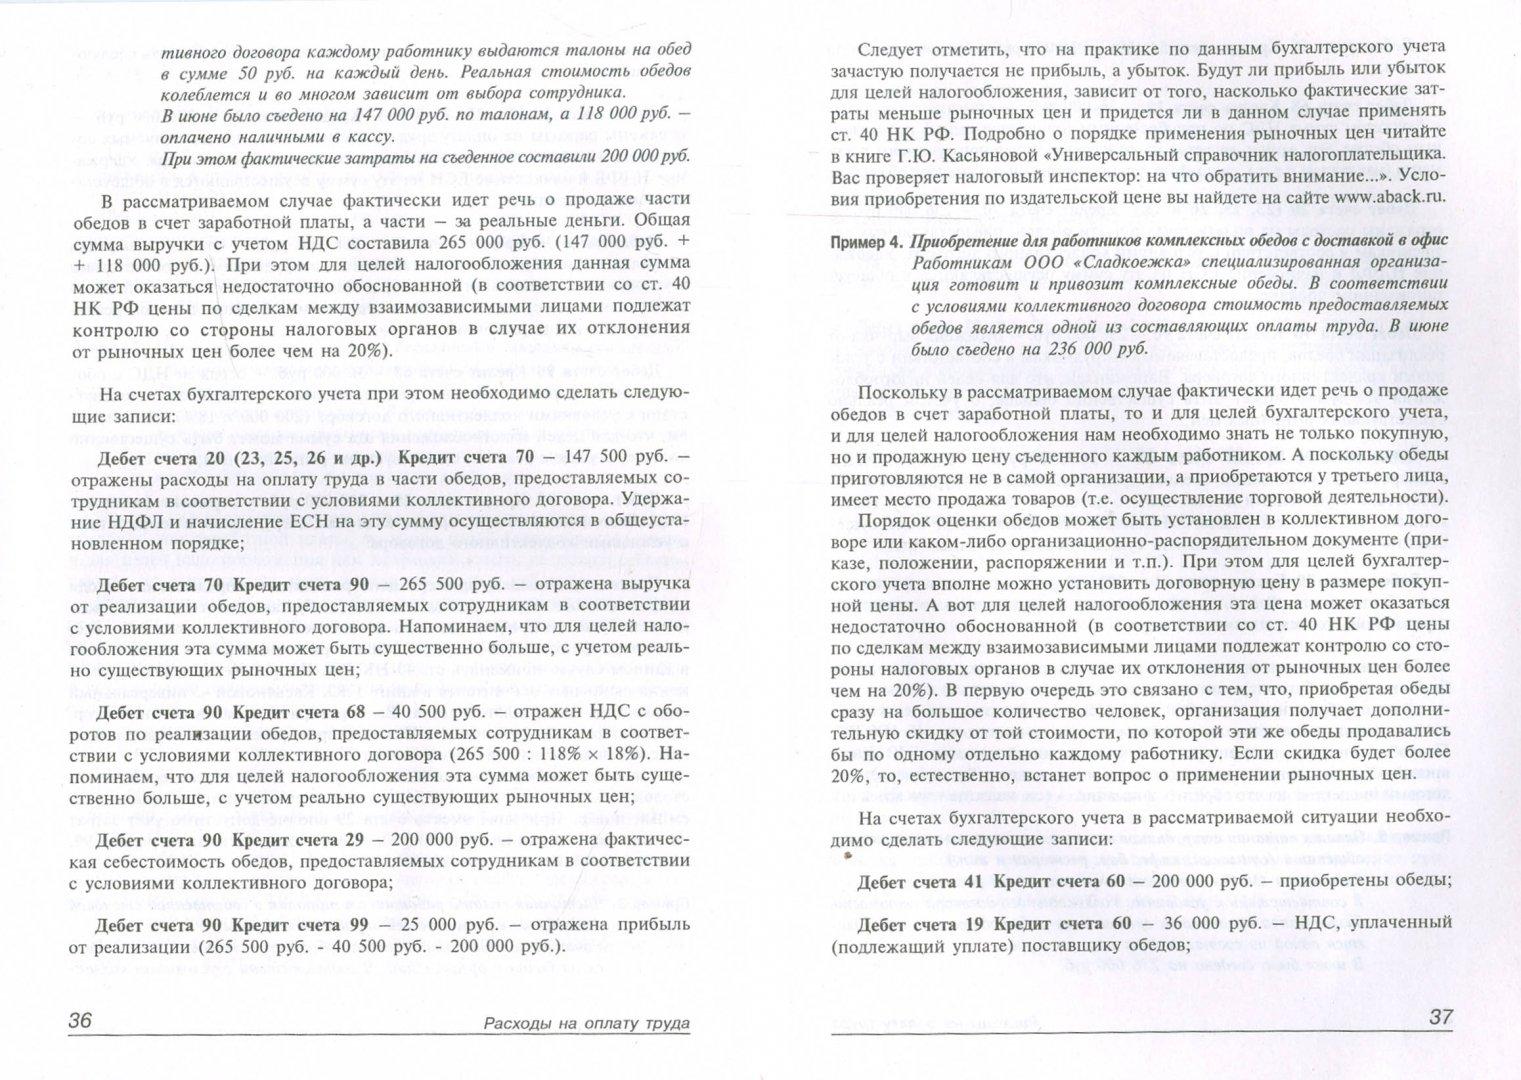 Иллюстрация 1 из 11 для Расходы на оплату труда - Галина Касьянова | Лабиринт - книги. Источник: Лабиринт